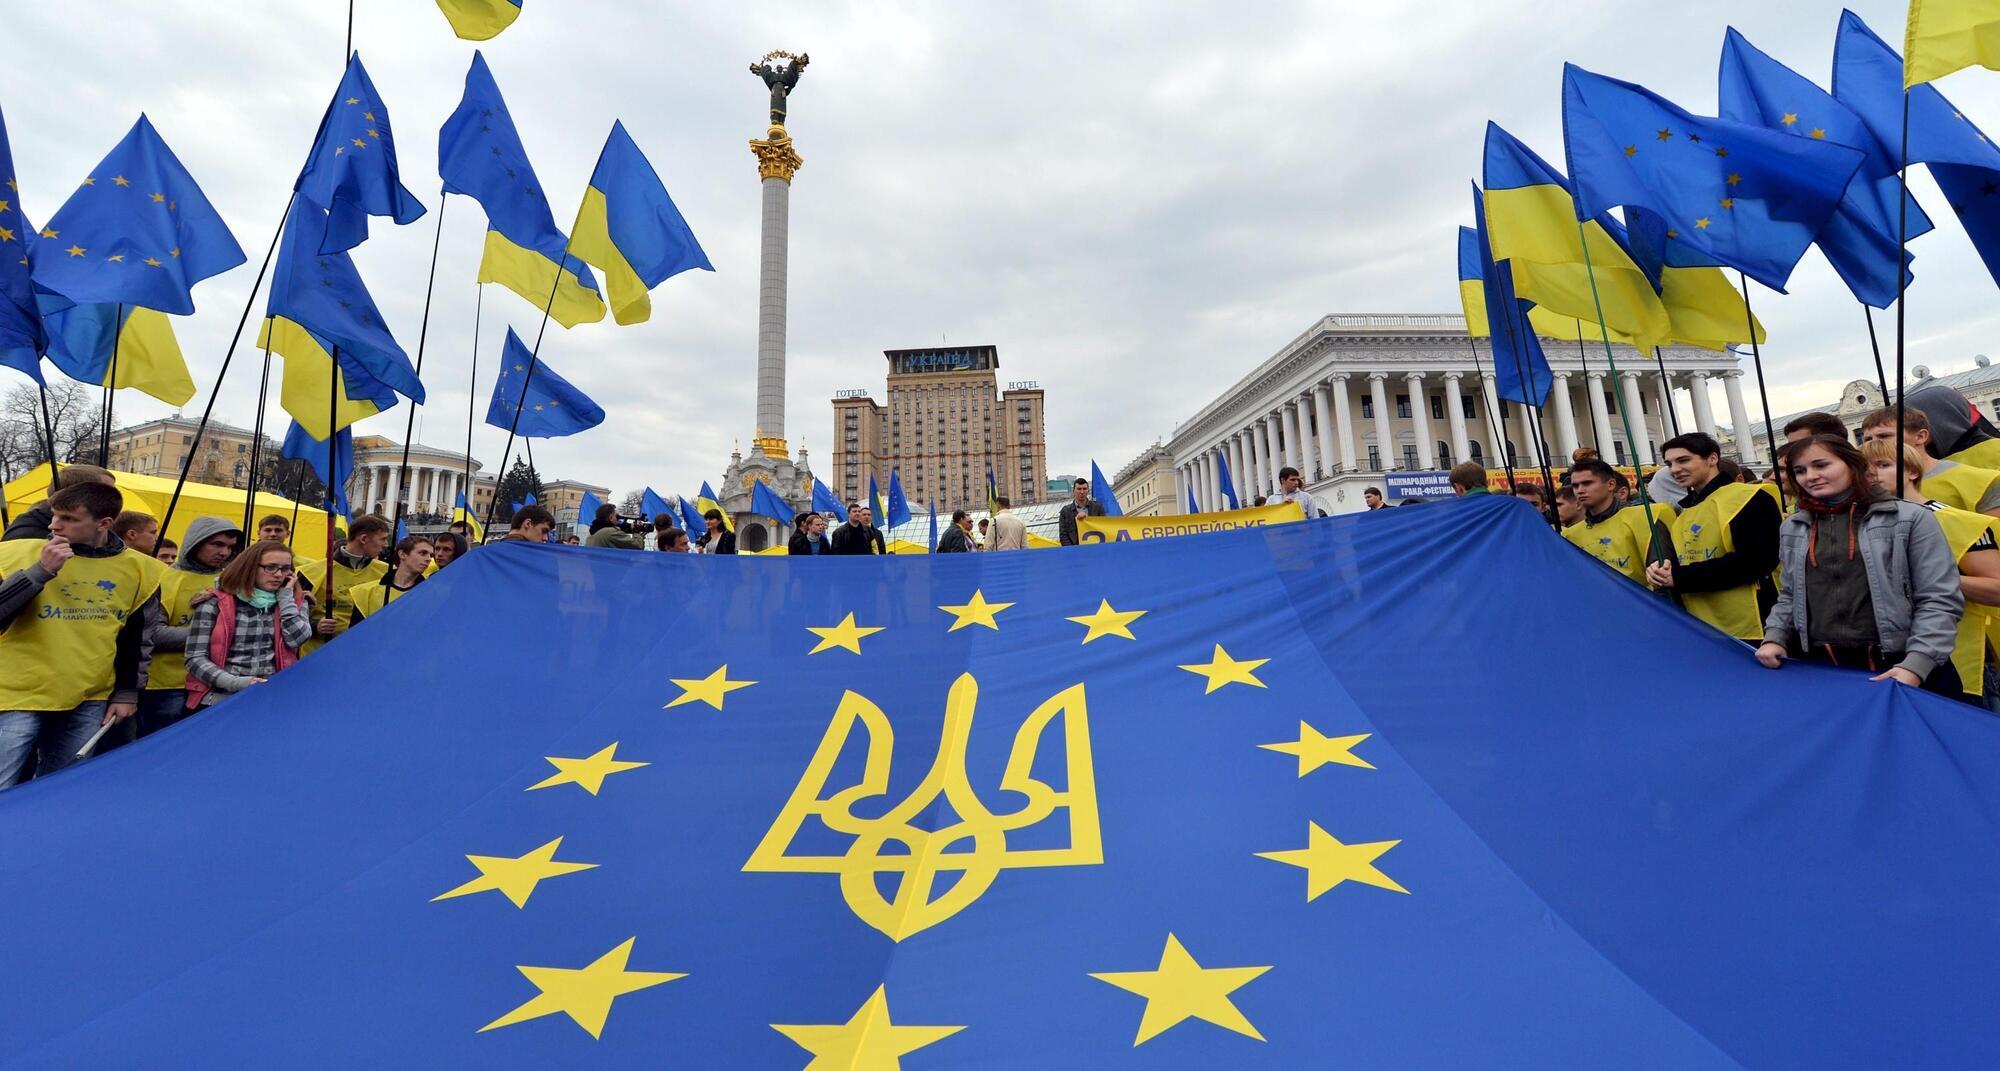 День Європи в Україні: як святкують